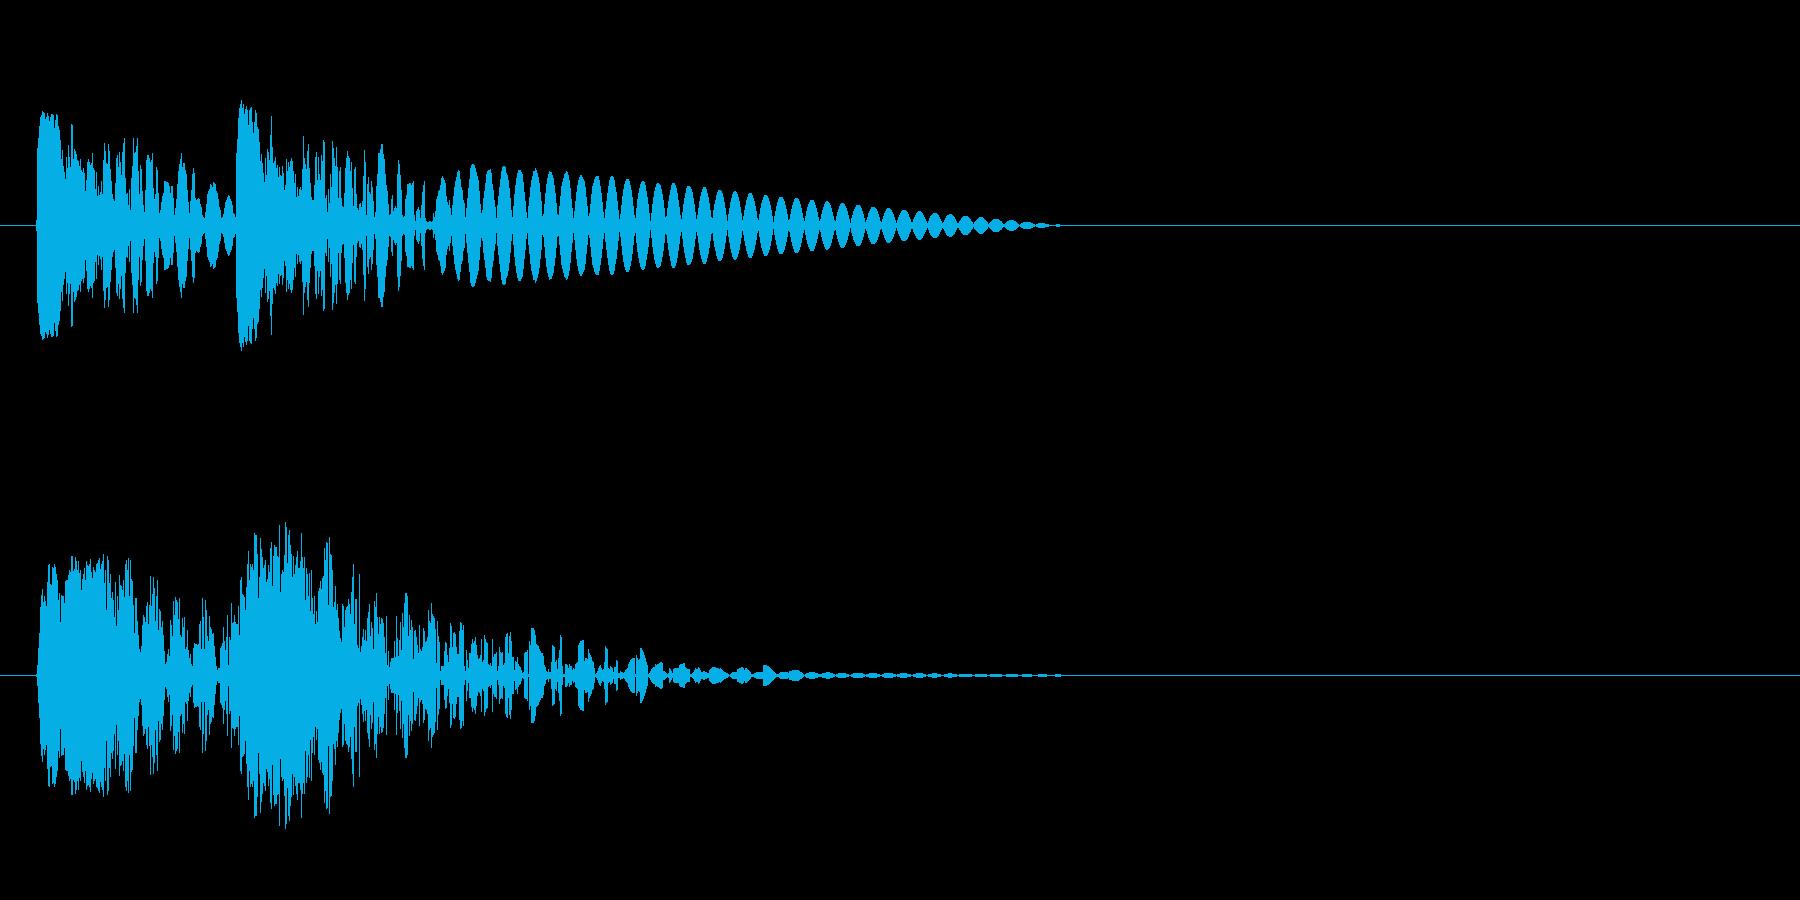 ビュビュン 射撃音 (ゲームっぽい音) の再生済みの波形